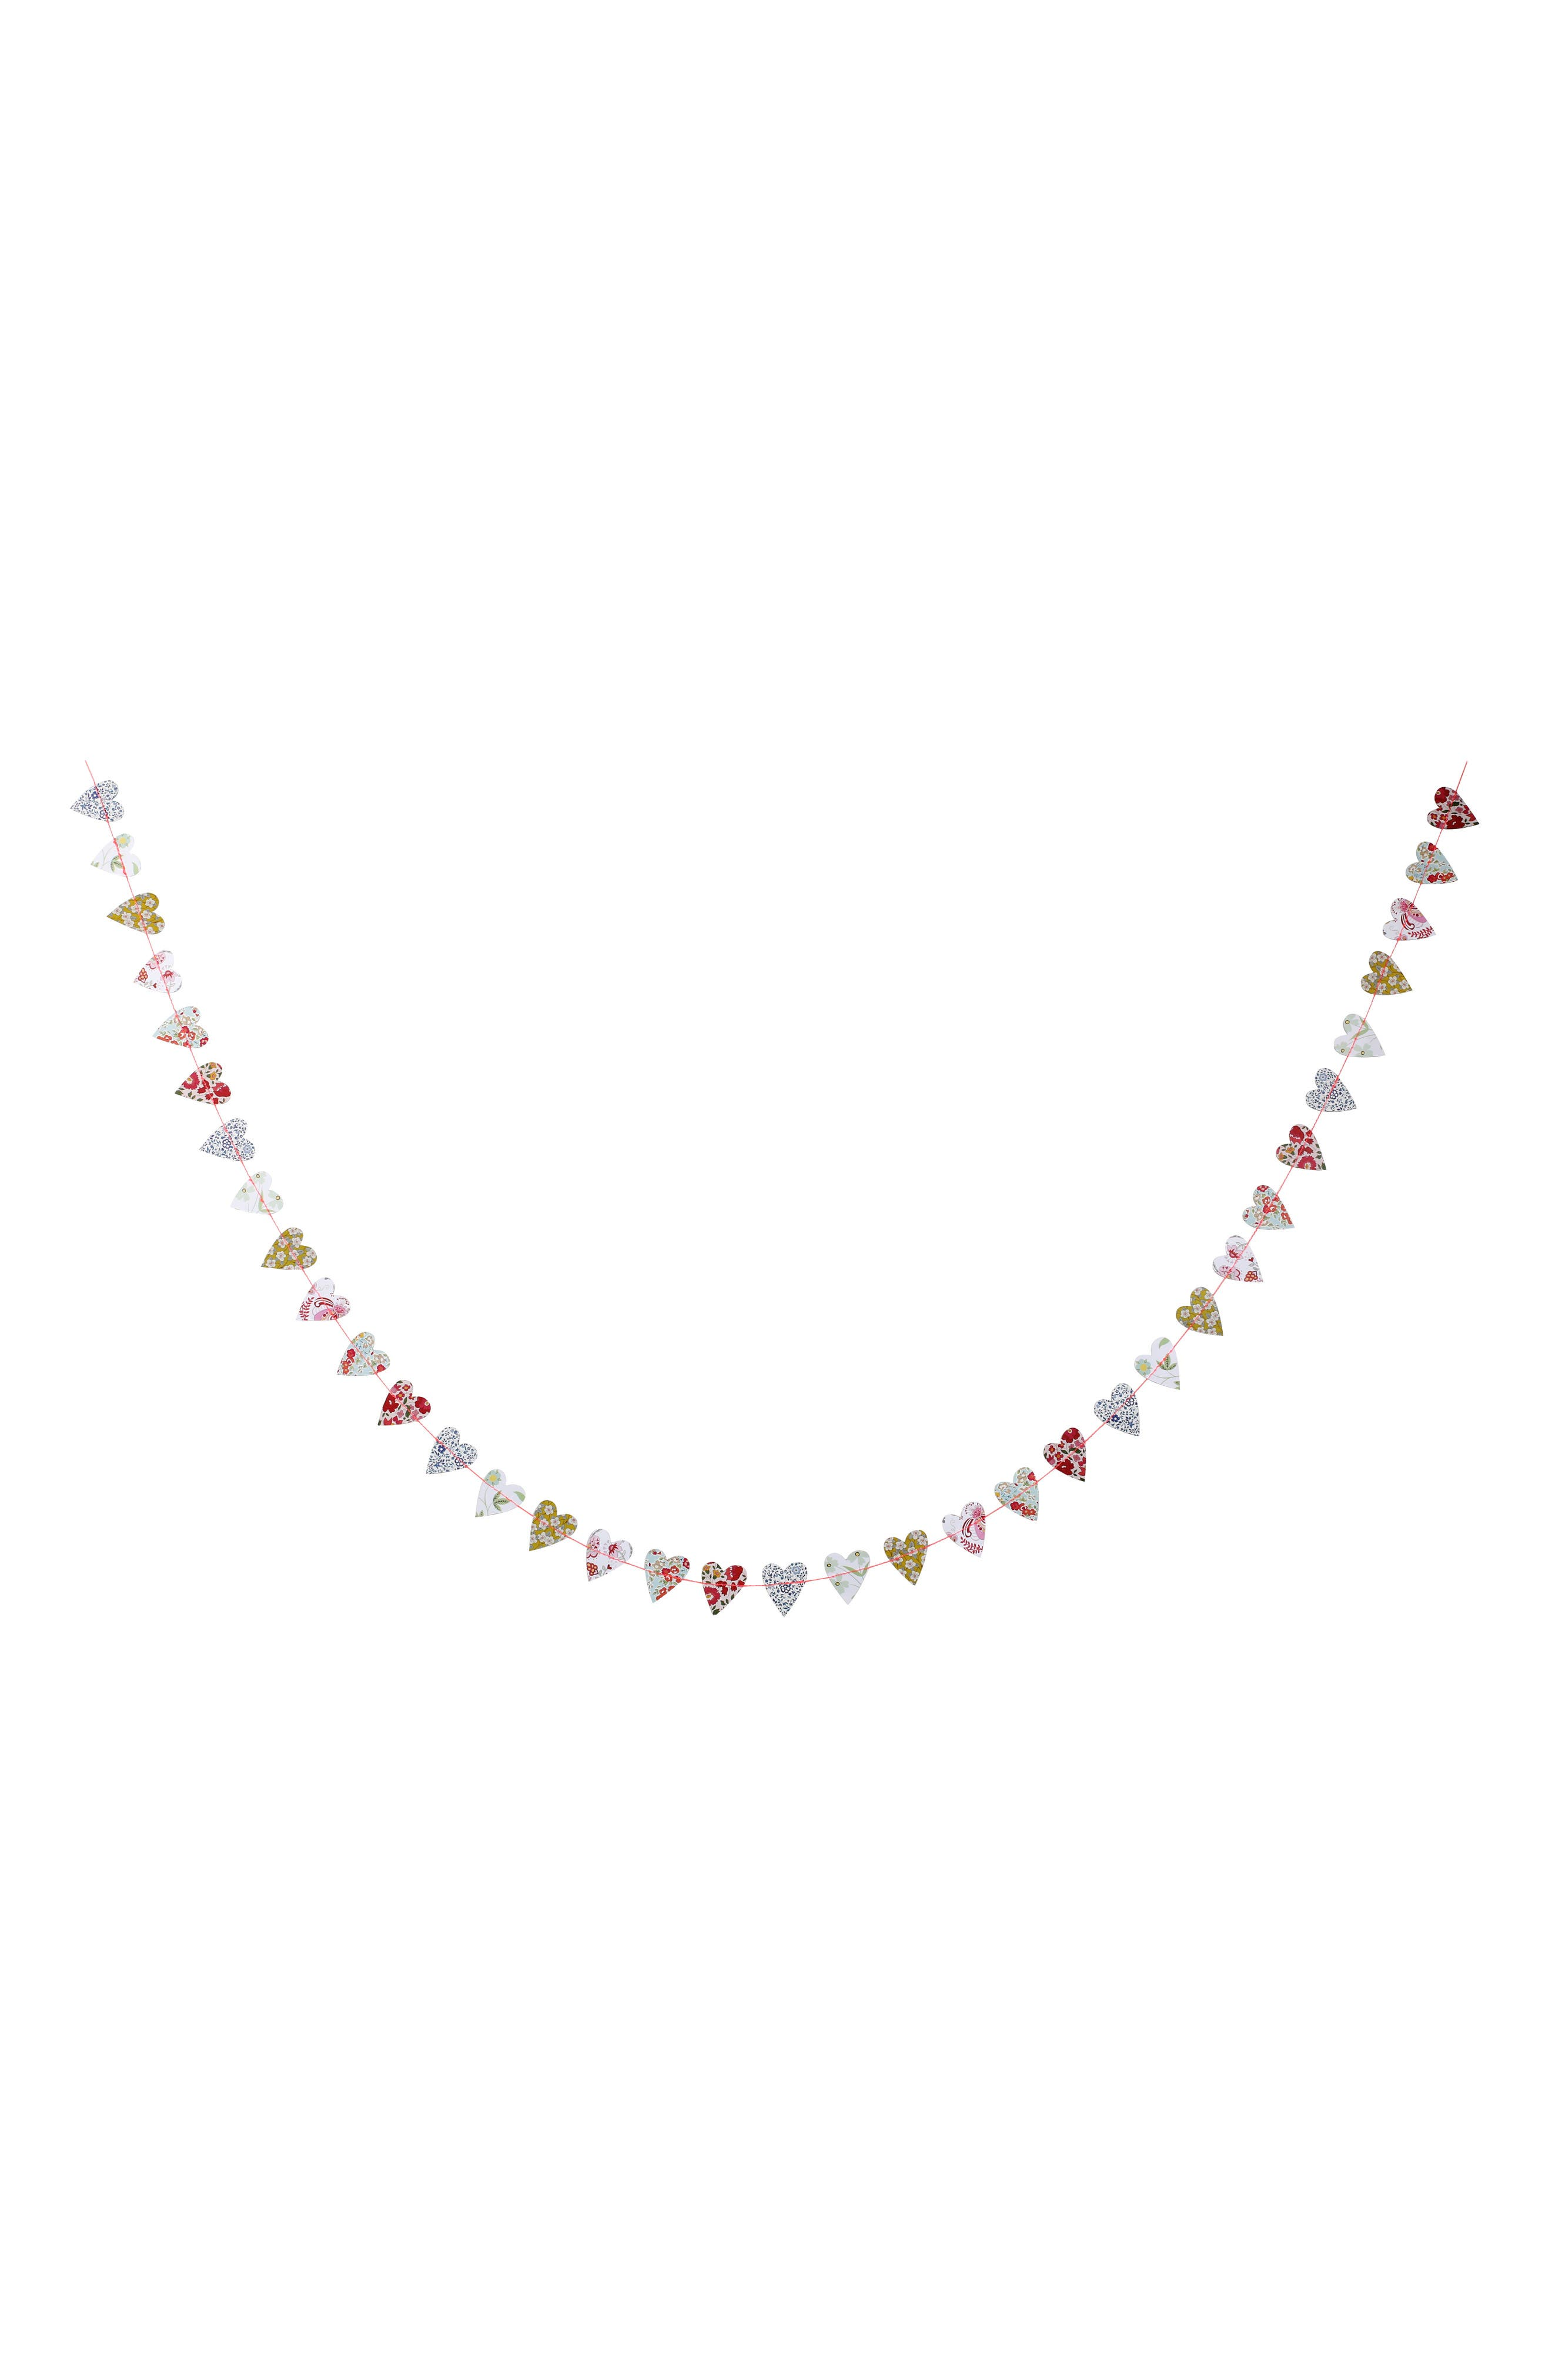 x Liberty Heart Mini Garland,                         Main,                         color, White Multi